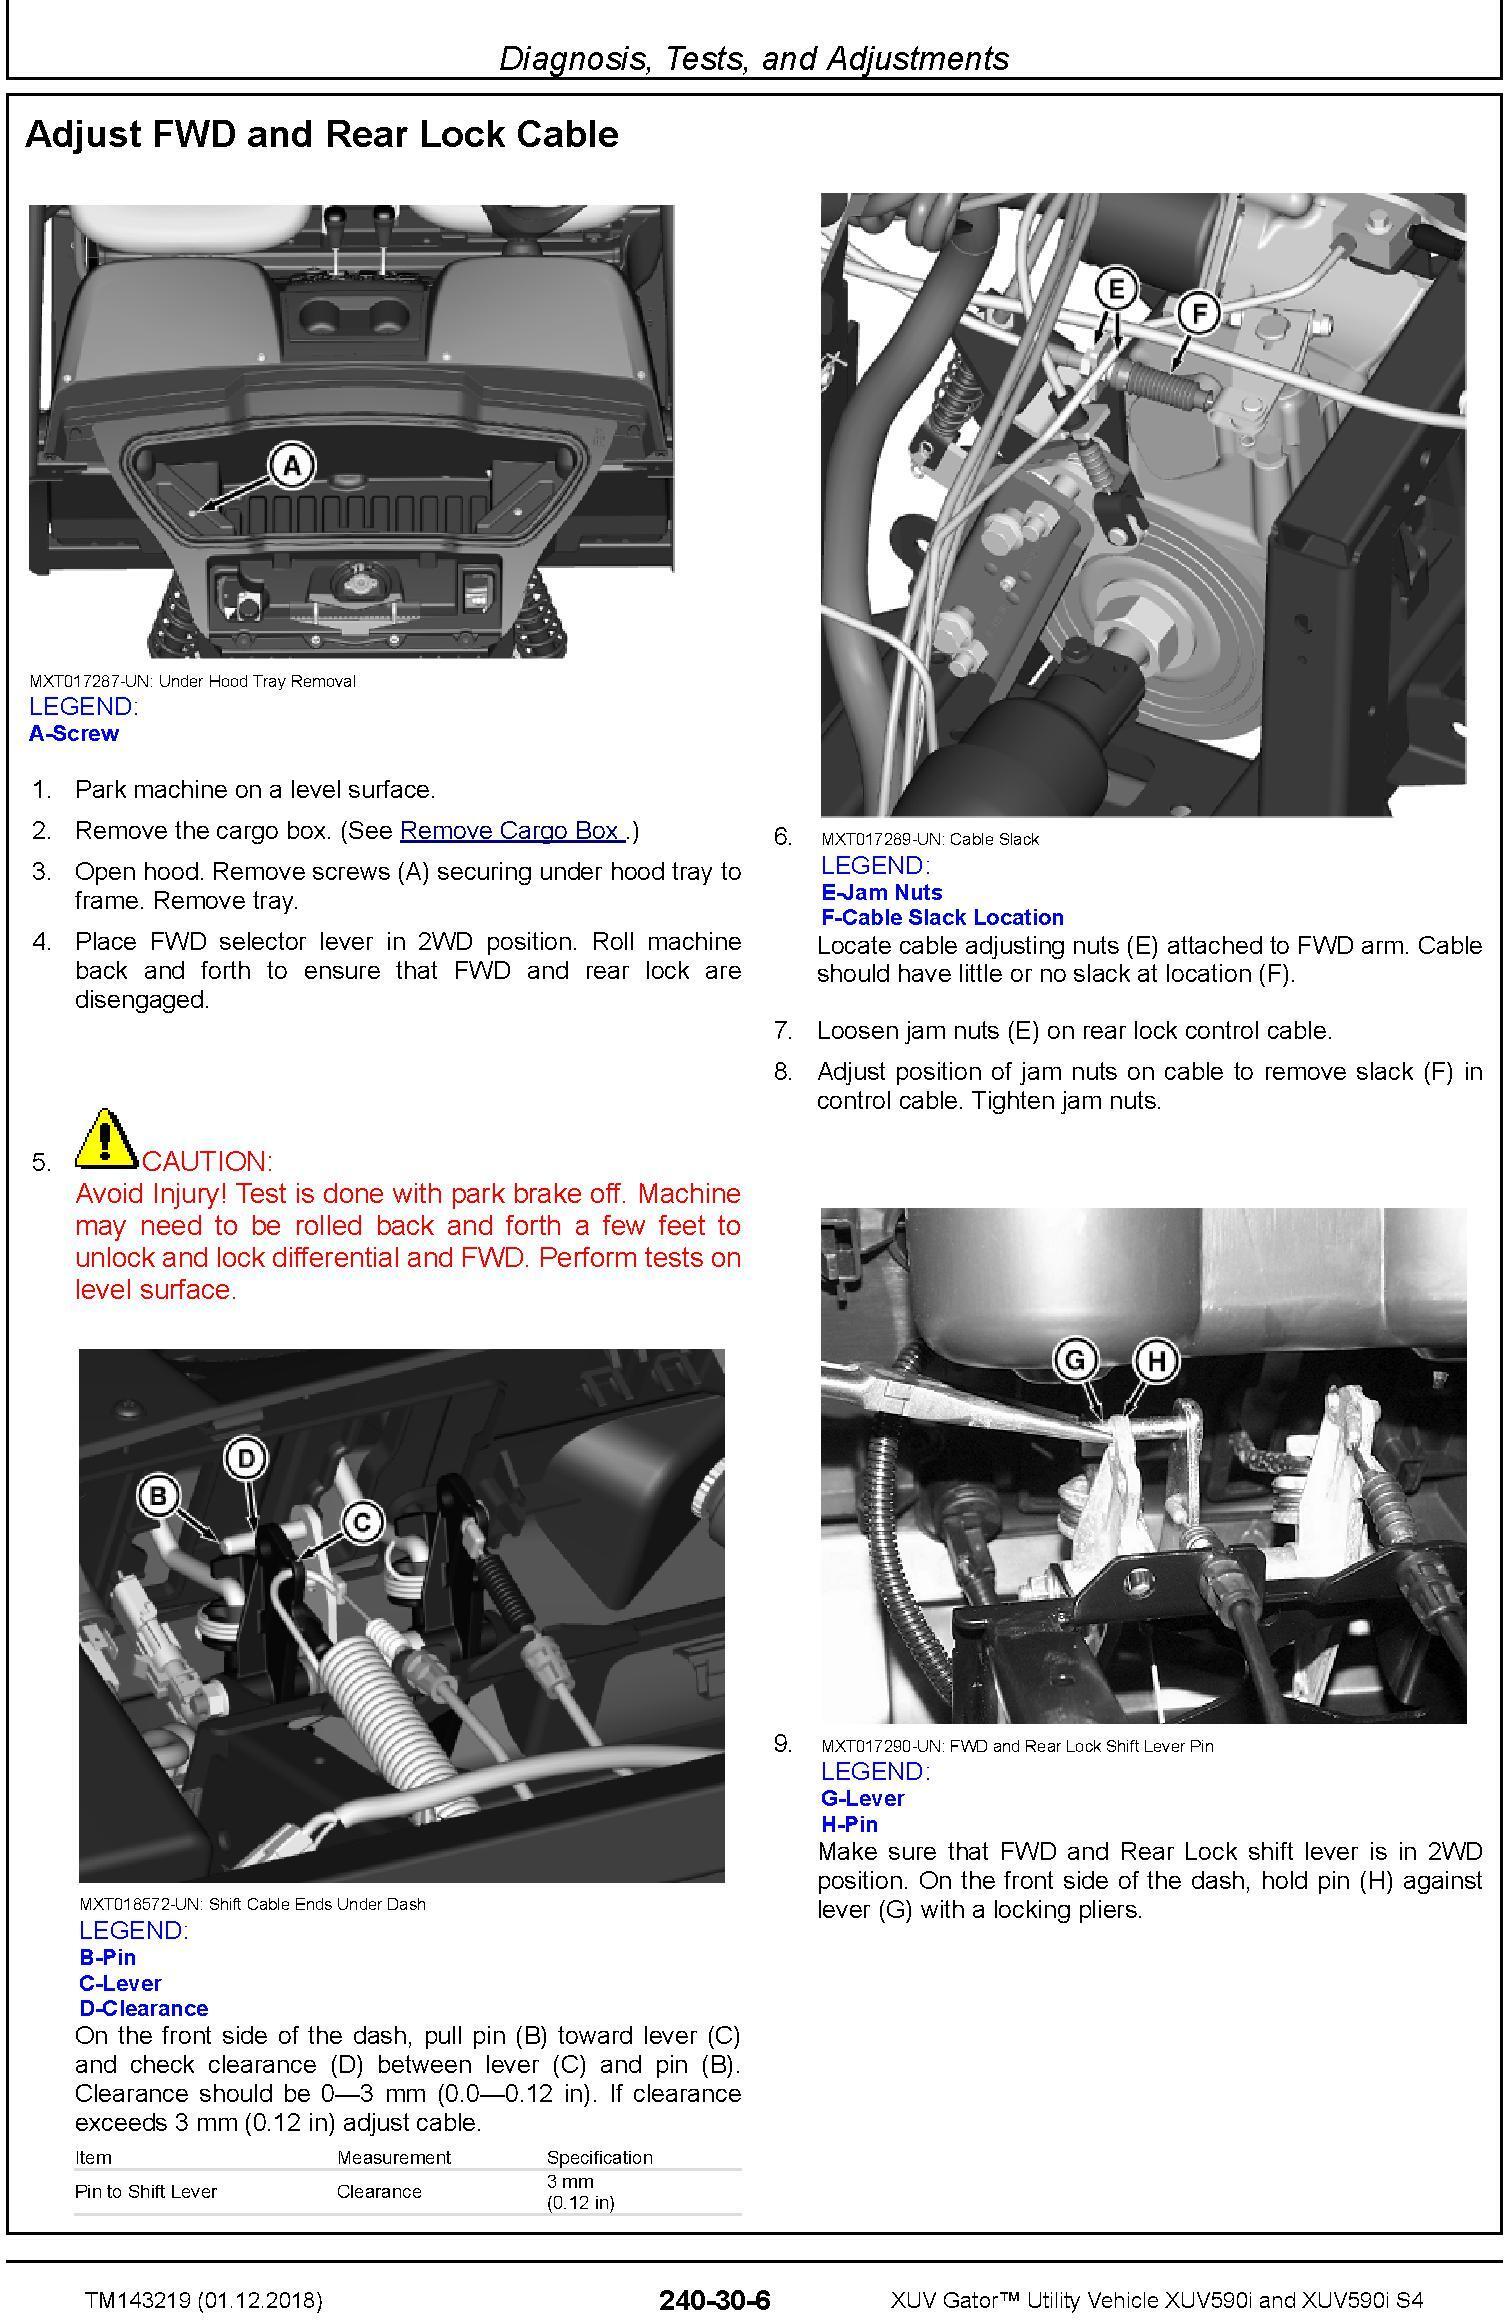 John Deere XUV Gator Utility Vehicle XUV590i, XUV590i S4 (SN.010001-) Diagnostic Manual (TM143219) - 3